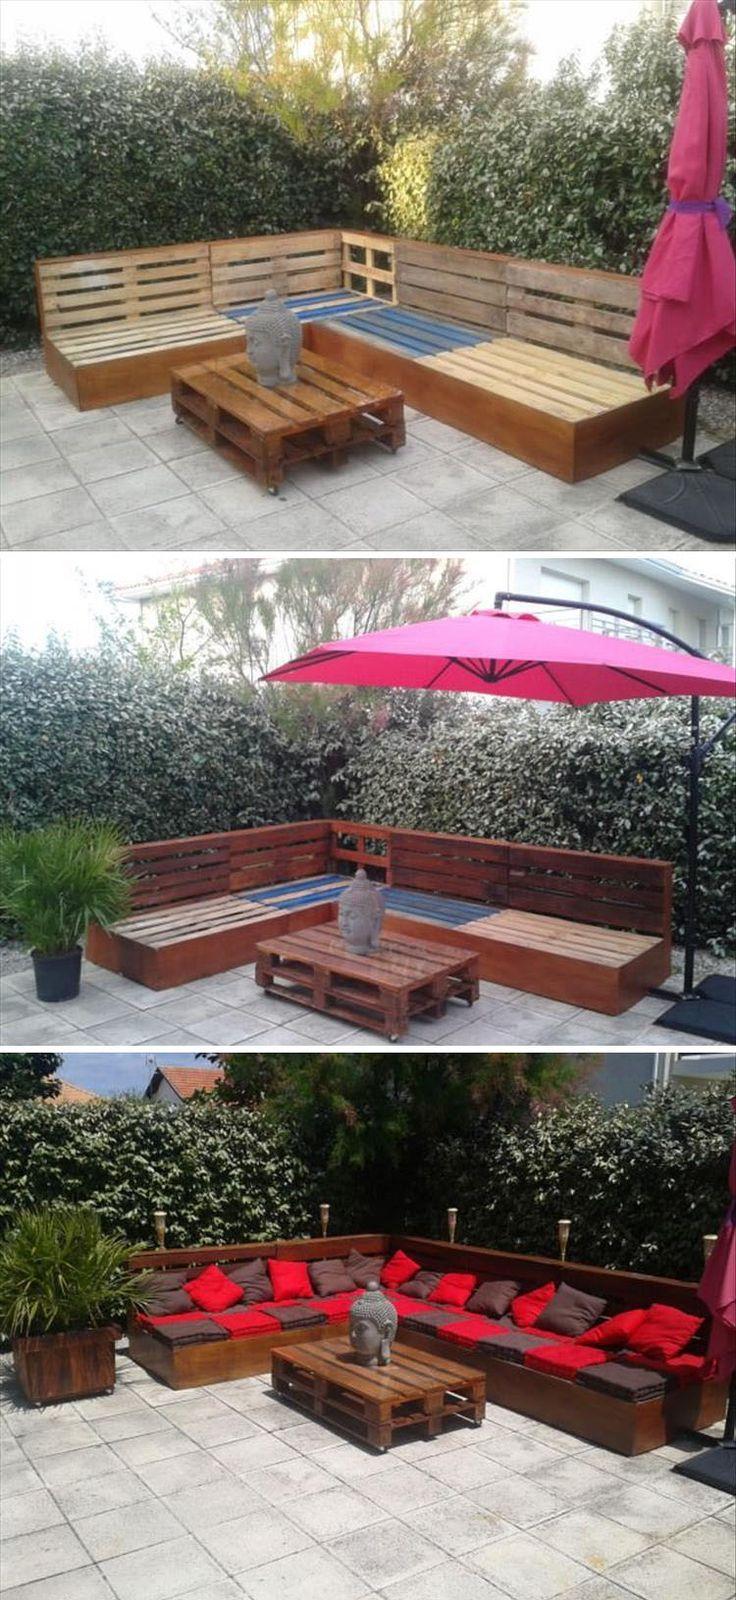 Amazing Uses For Old Pallets - 13 Pics | Chaises | Salon de jardin ...